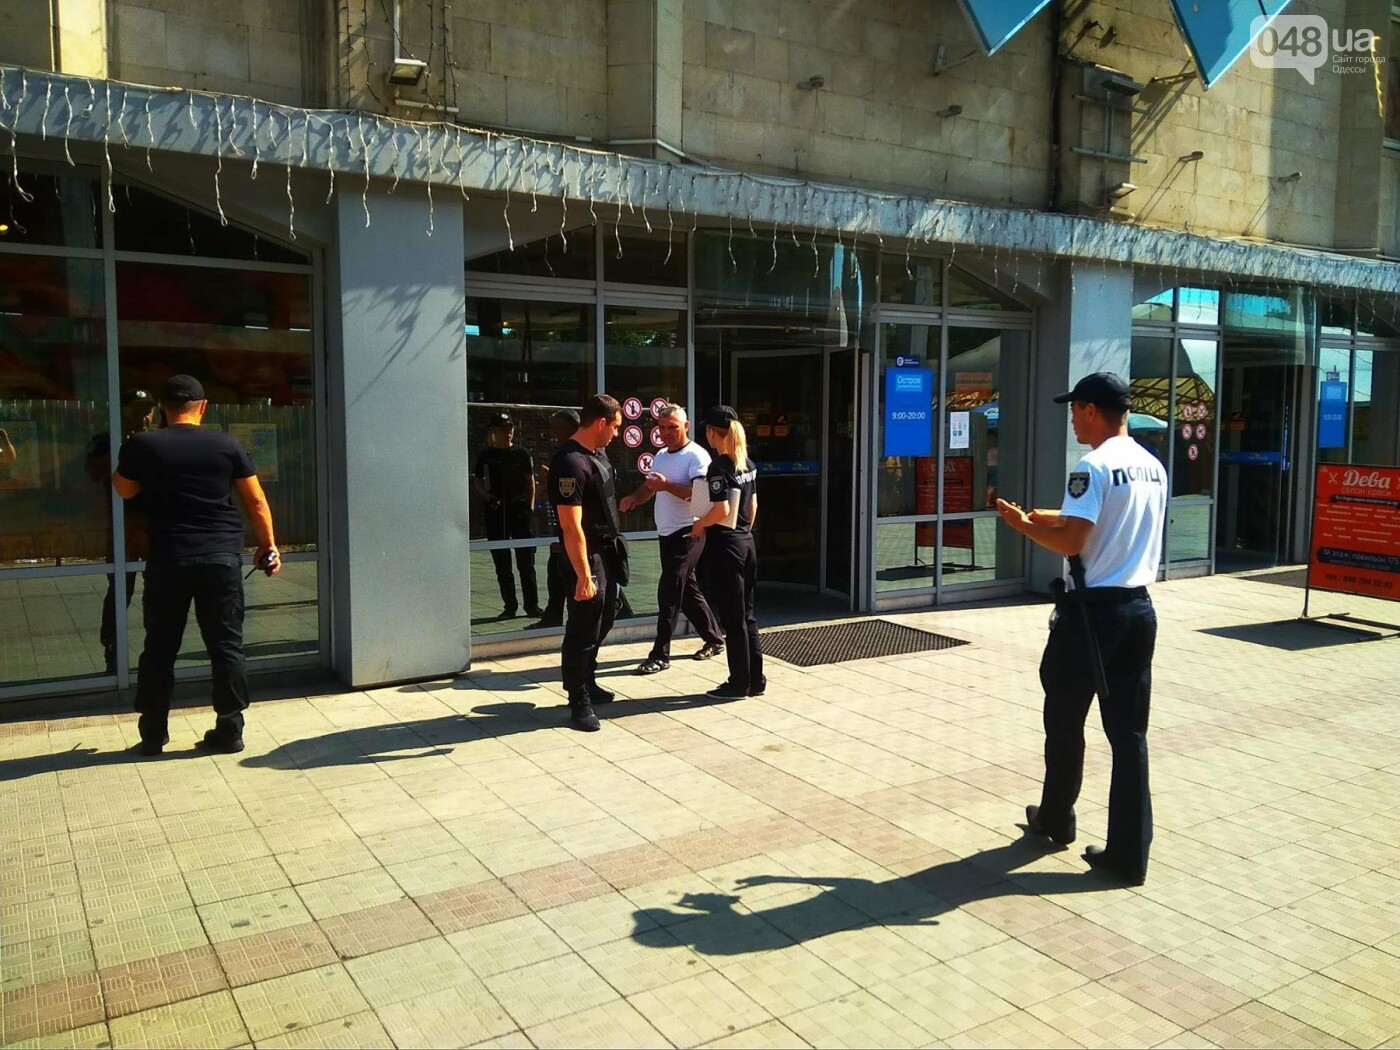 Это учения: Трое в масках открыли стрельбу на одесском Привозе и похитили драгоценности, - ФОТО, фото-2